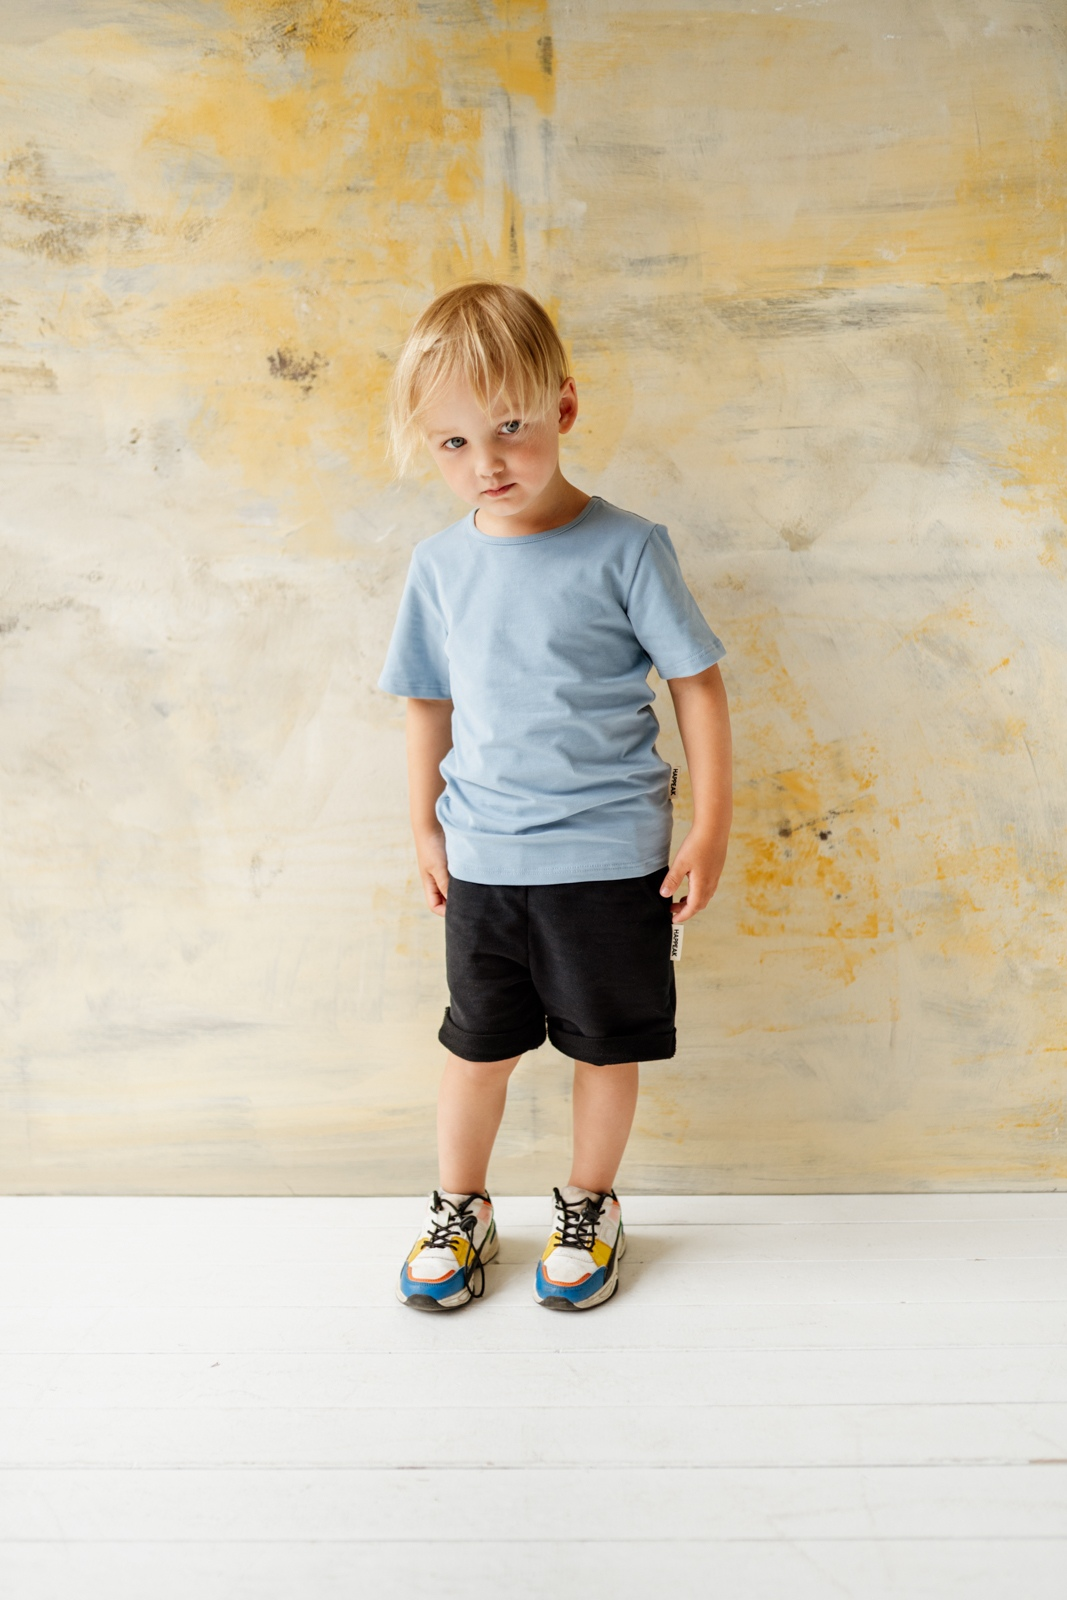 Vaikiški TR marškinėliai -50%  - 5